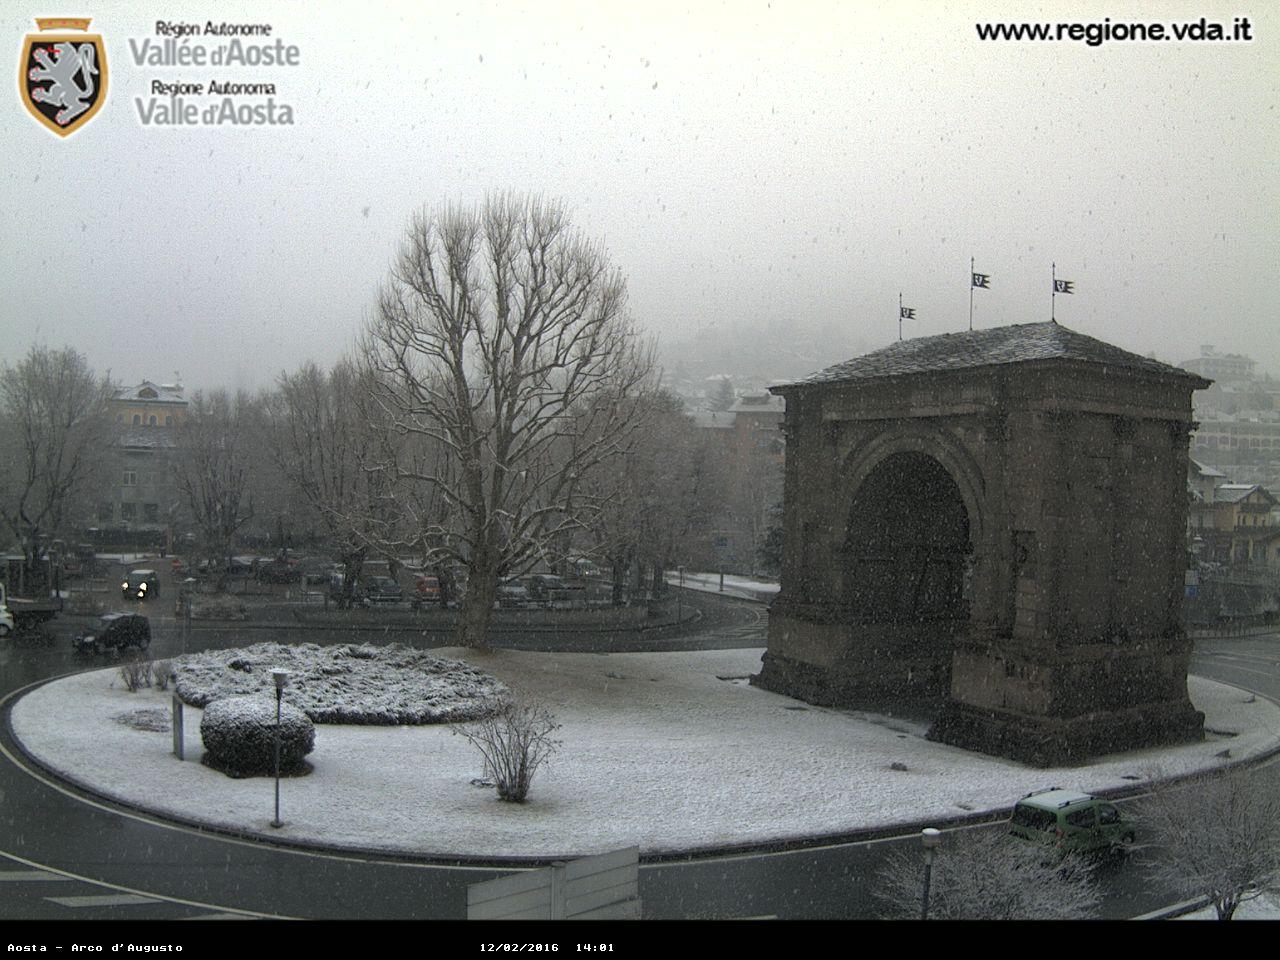 12 feb 16 aosta1 - Serata di forti nevicate sulle Alpi!